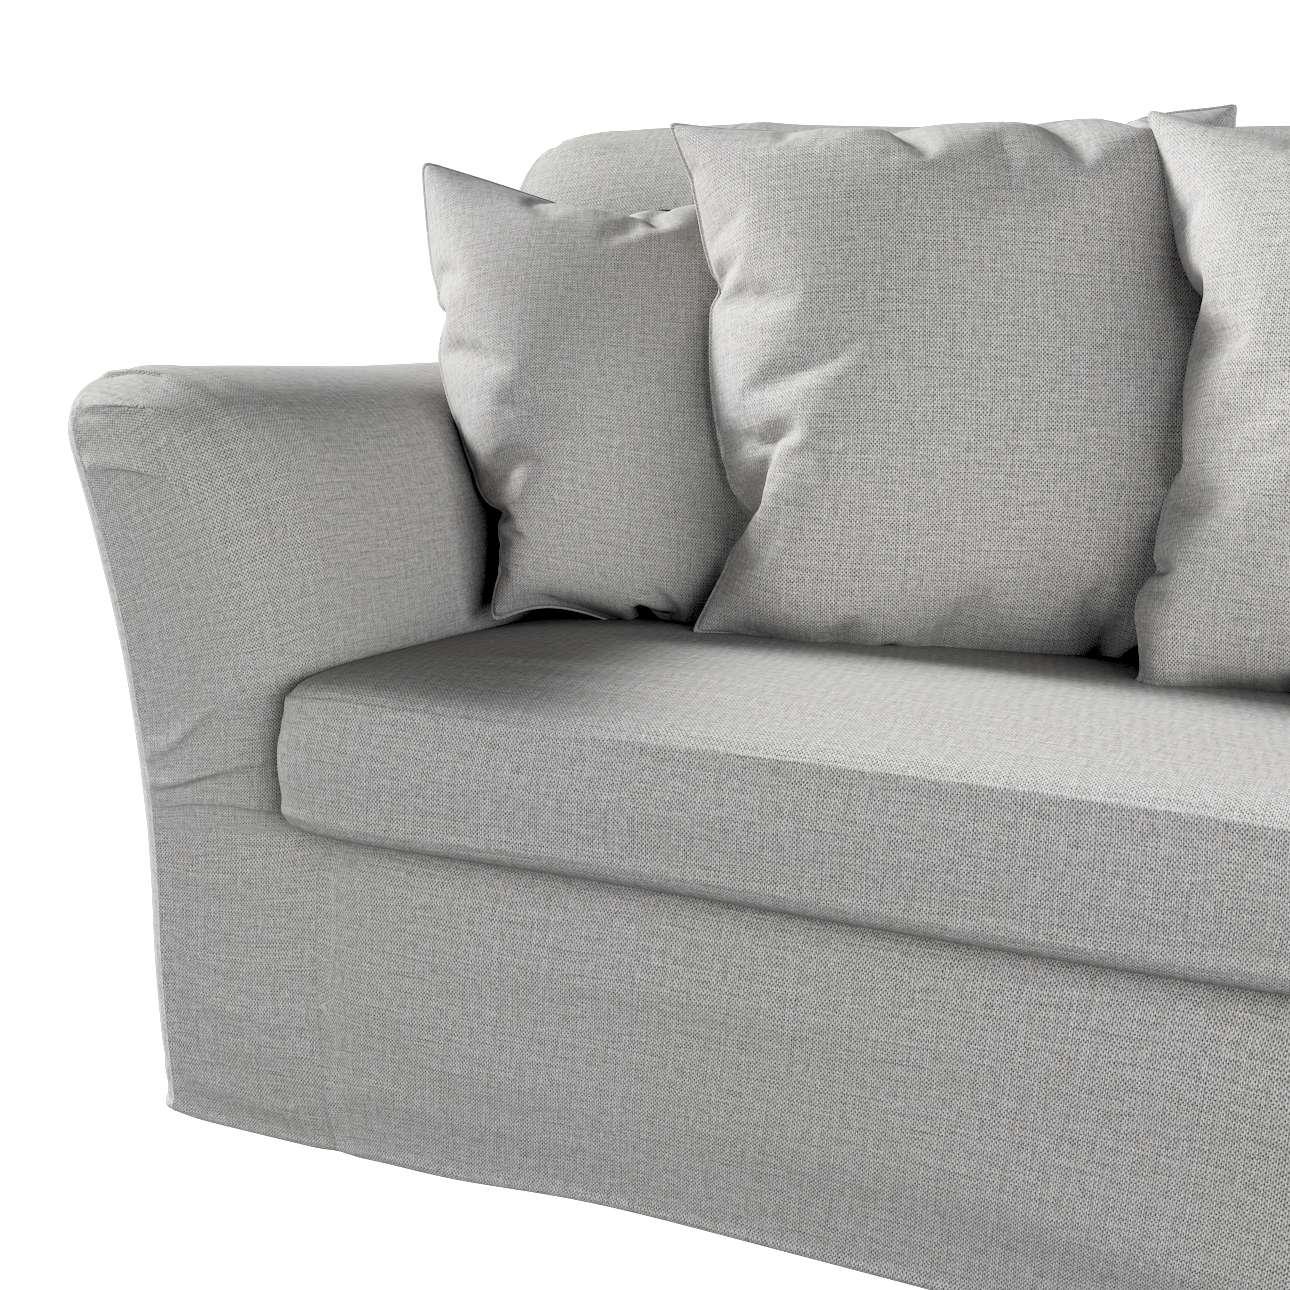 Pokrowiec na sofę Tomelilla 3-osobową rozkładaną w kolekcji Living II, tkanina: 160-89